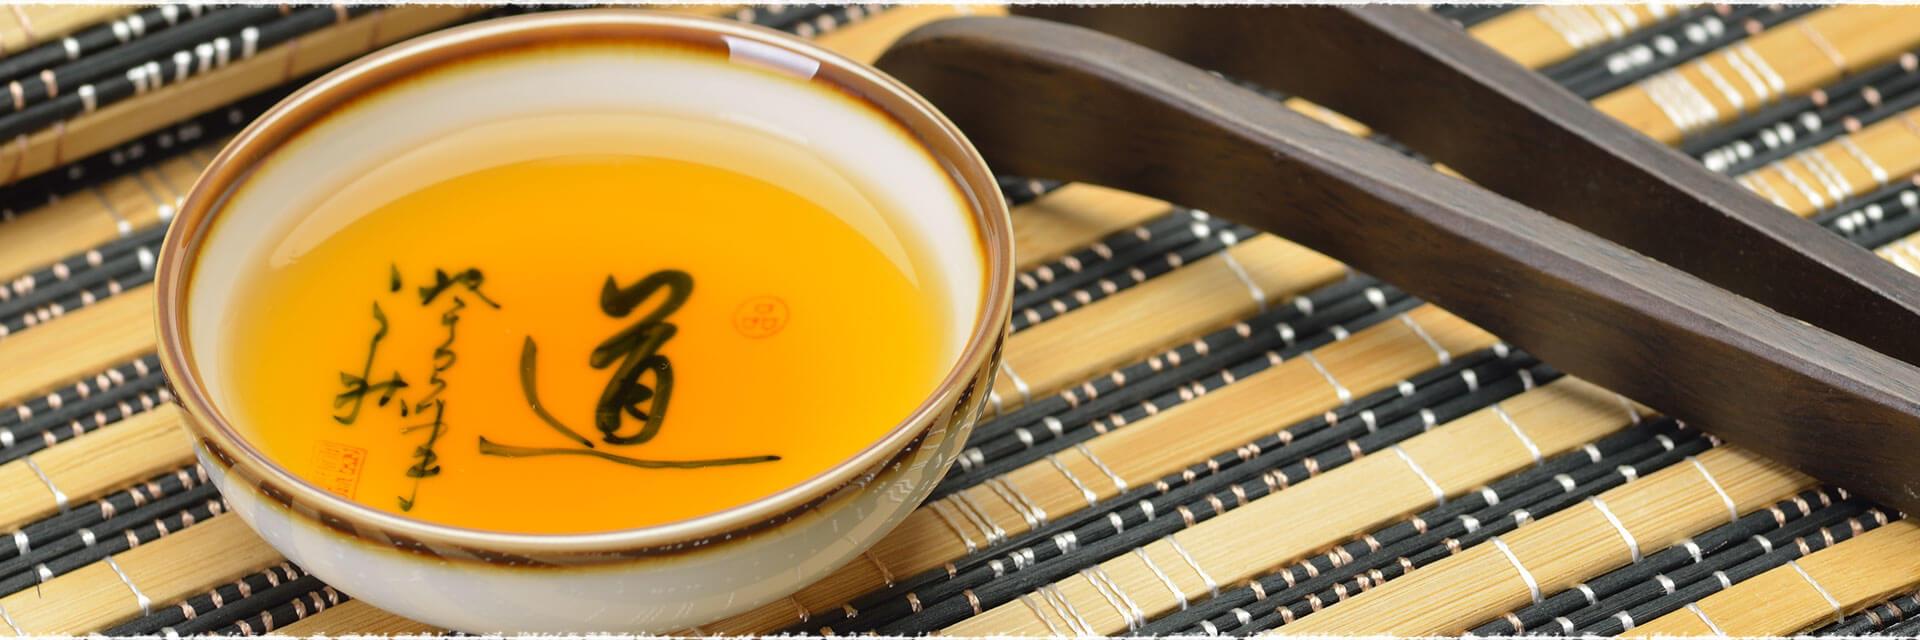 Préparation d'un thé noir Keemun en GongFuCha.